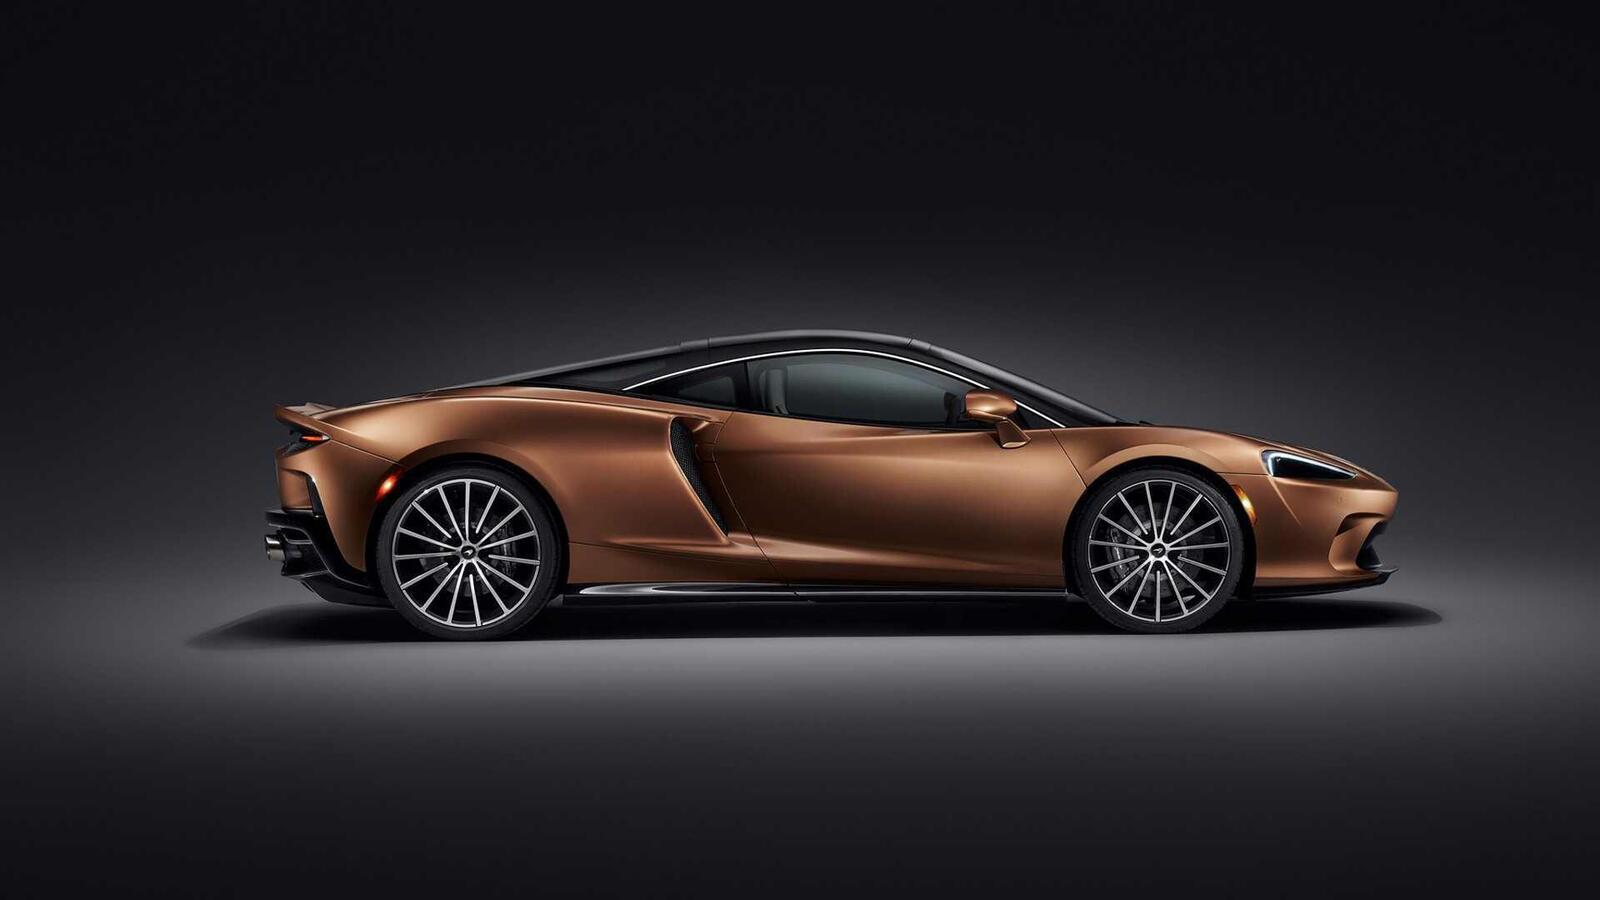 McLaren giới thiệu siêu xe GT 2020 hoàn toàn mới: Động cơ mạnh mẽ và cabin thoải mái - Hình 21